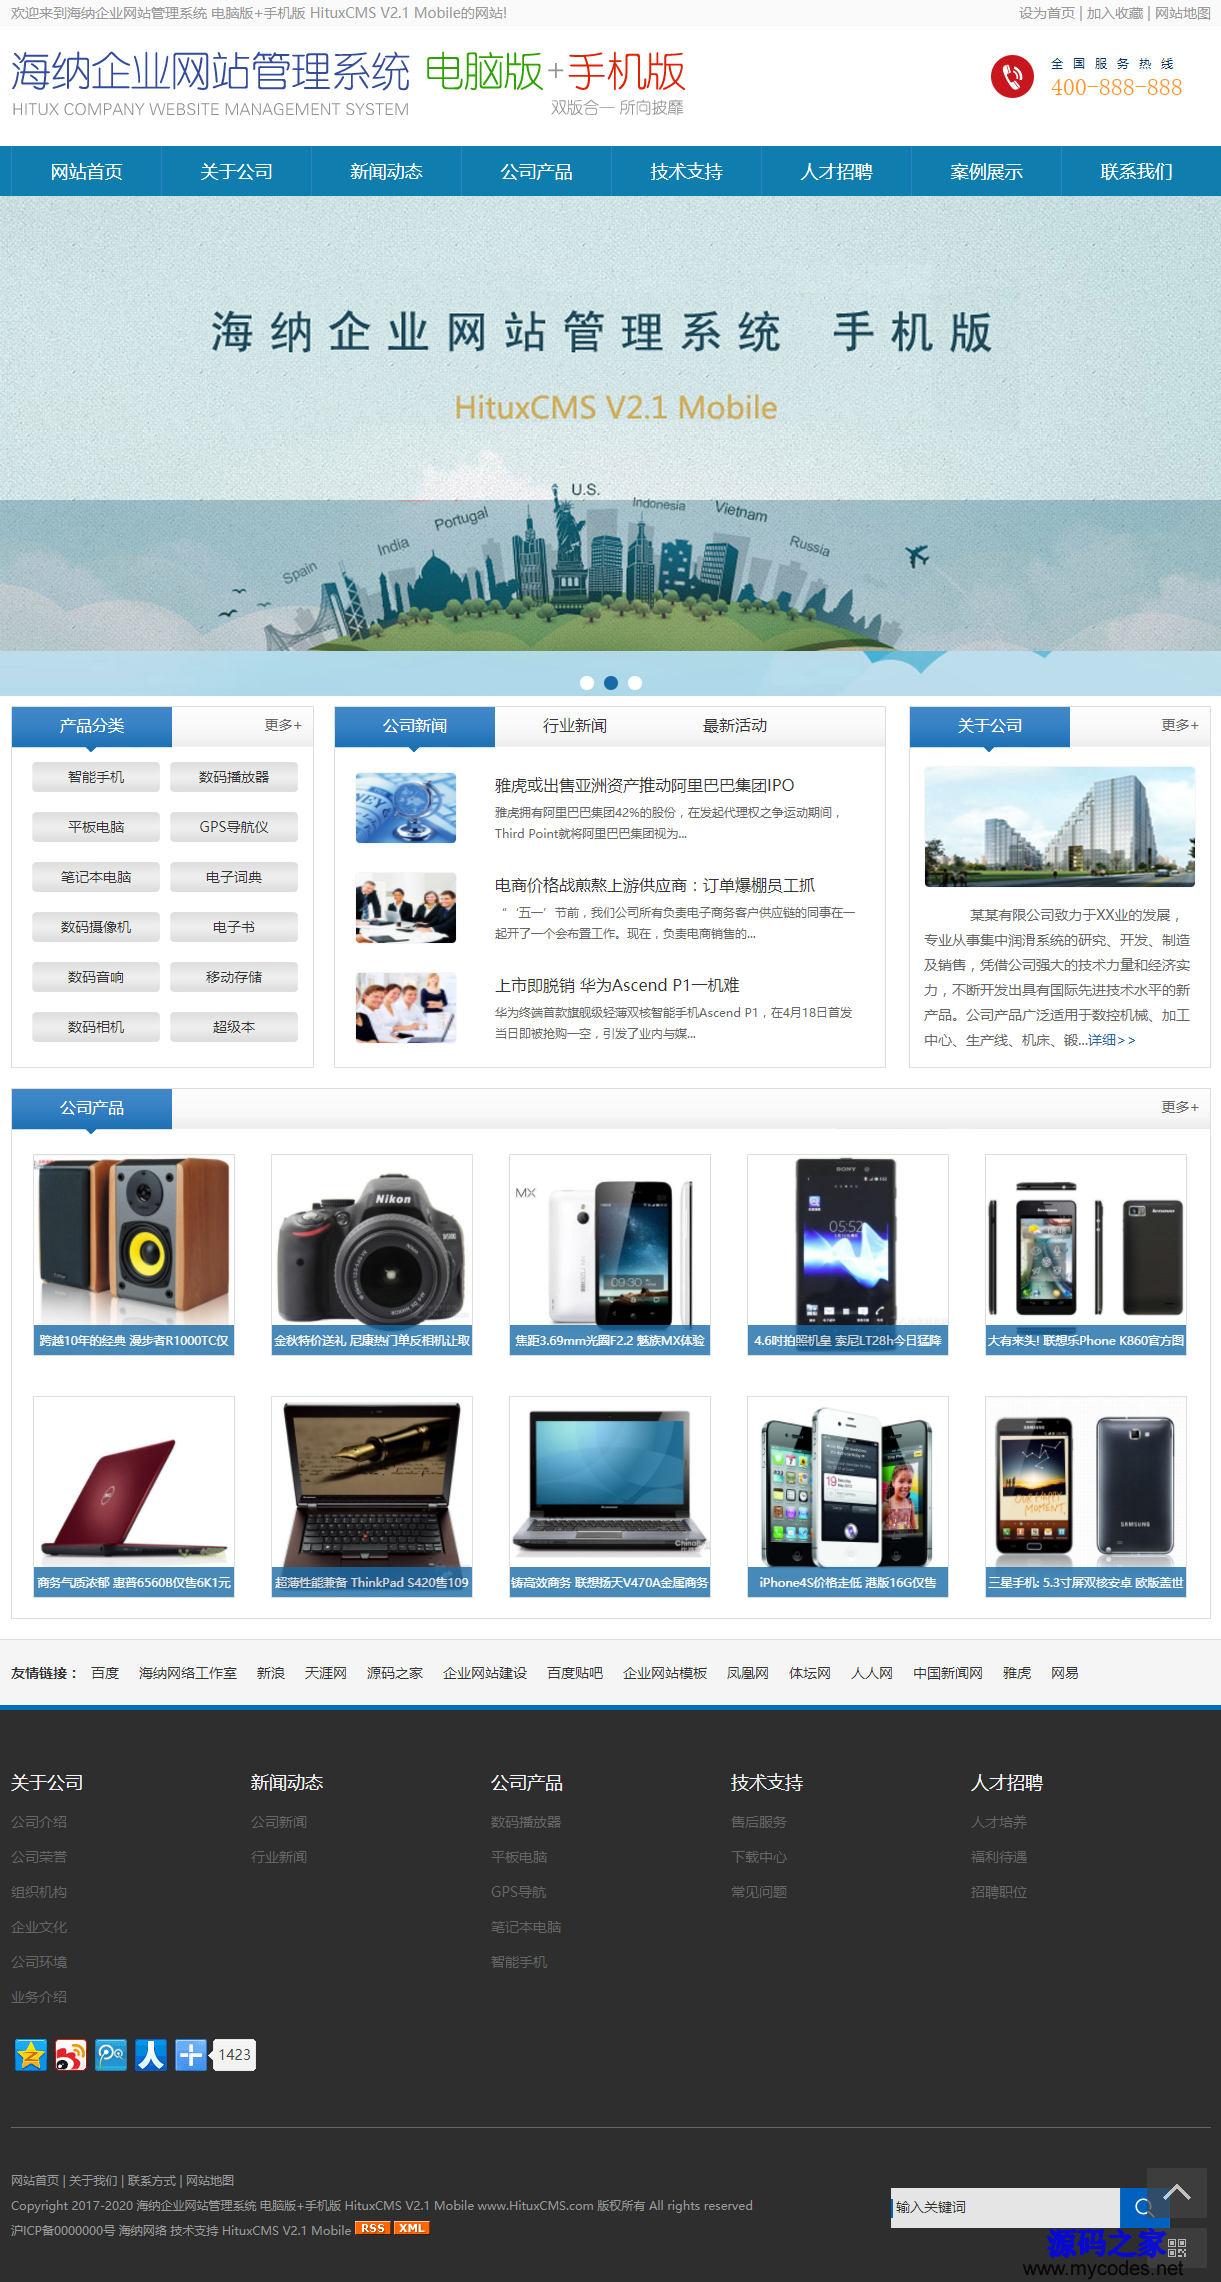 海纳企业网站管理系统ASP/Access 2.1 Mobile